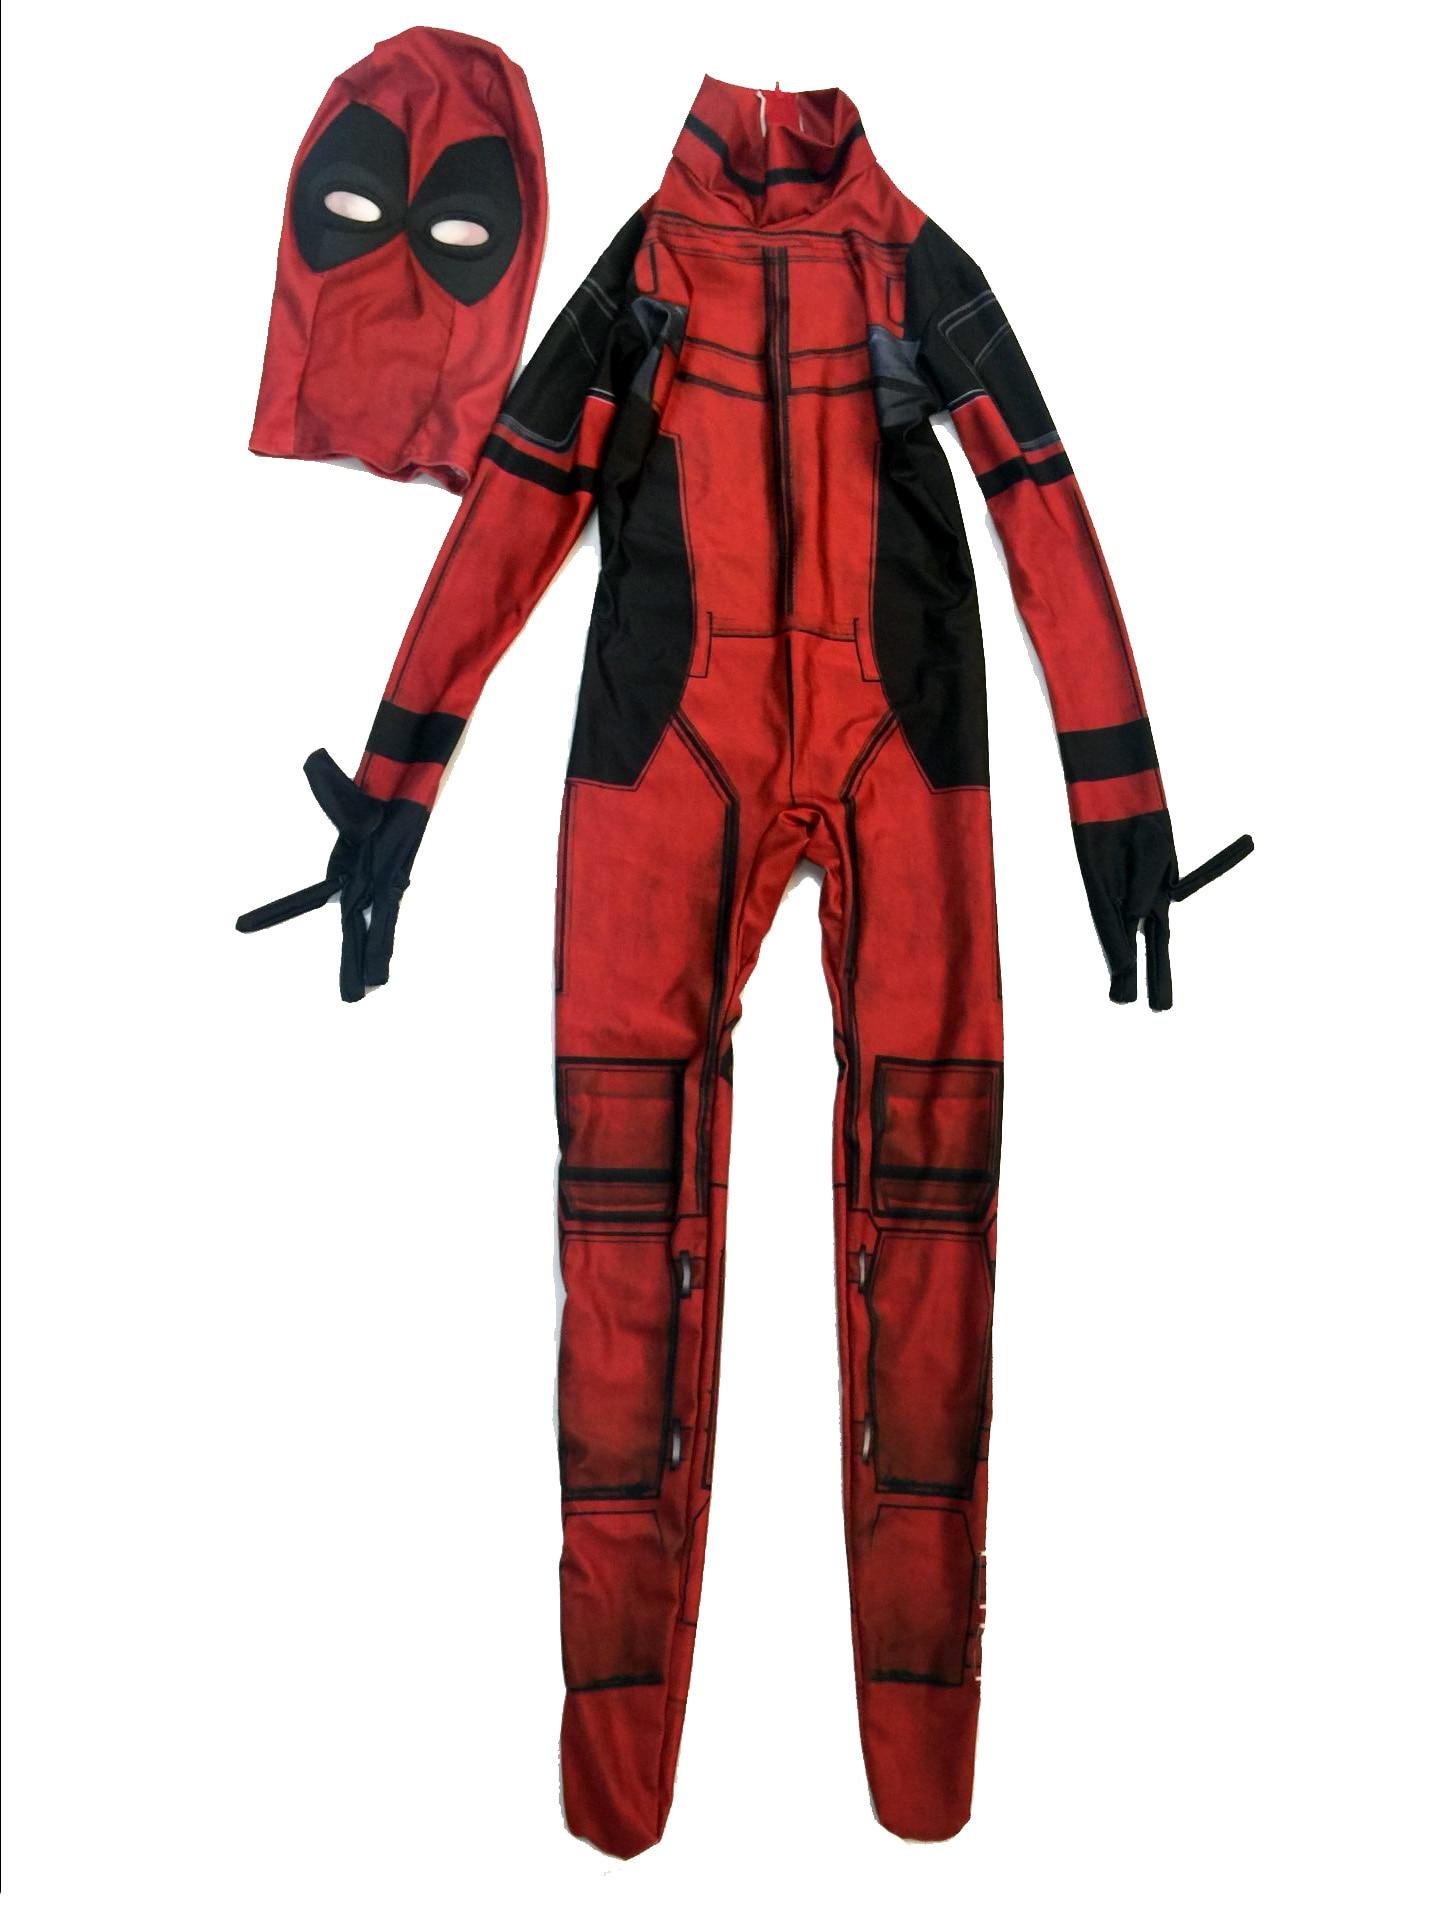 Deadpool Halloween Costume pour Enfants Garçons Partie Cosplay carnaval  costumes enfants full body spandex masque adulte hommes fantaisie robe dans  Costumes ... 4884d1d4052